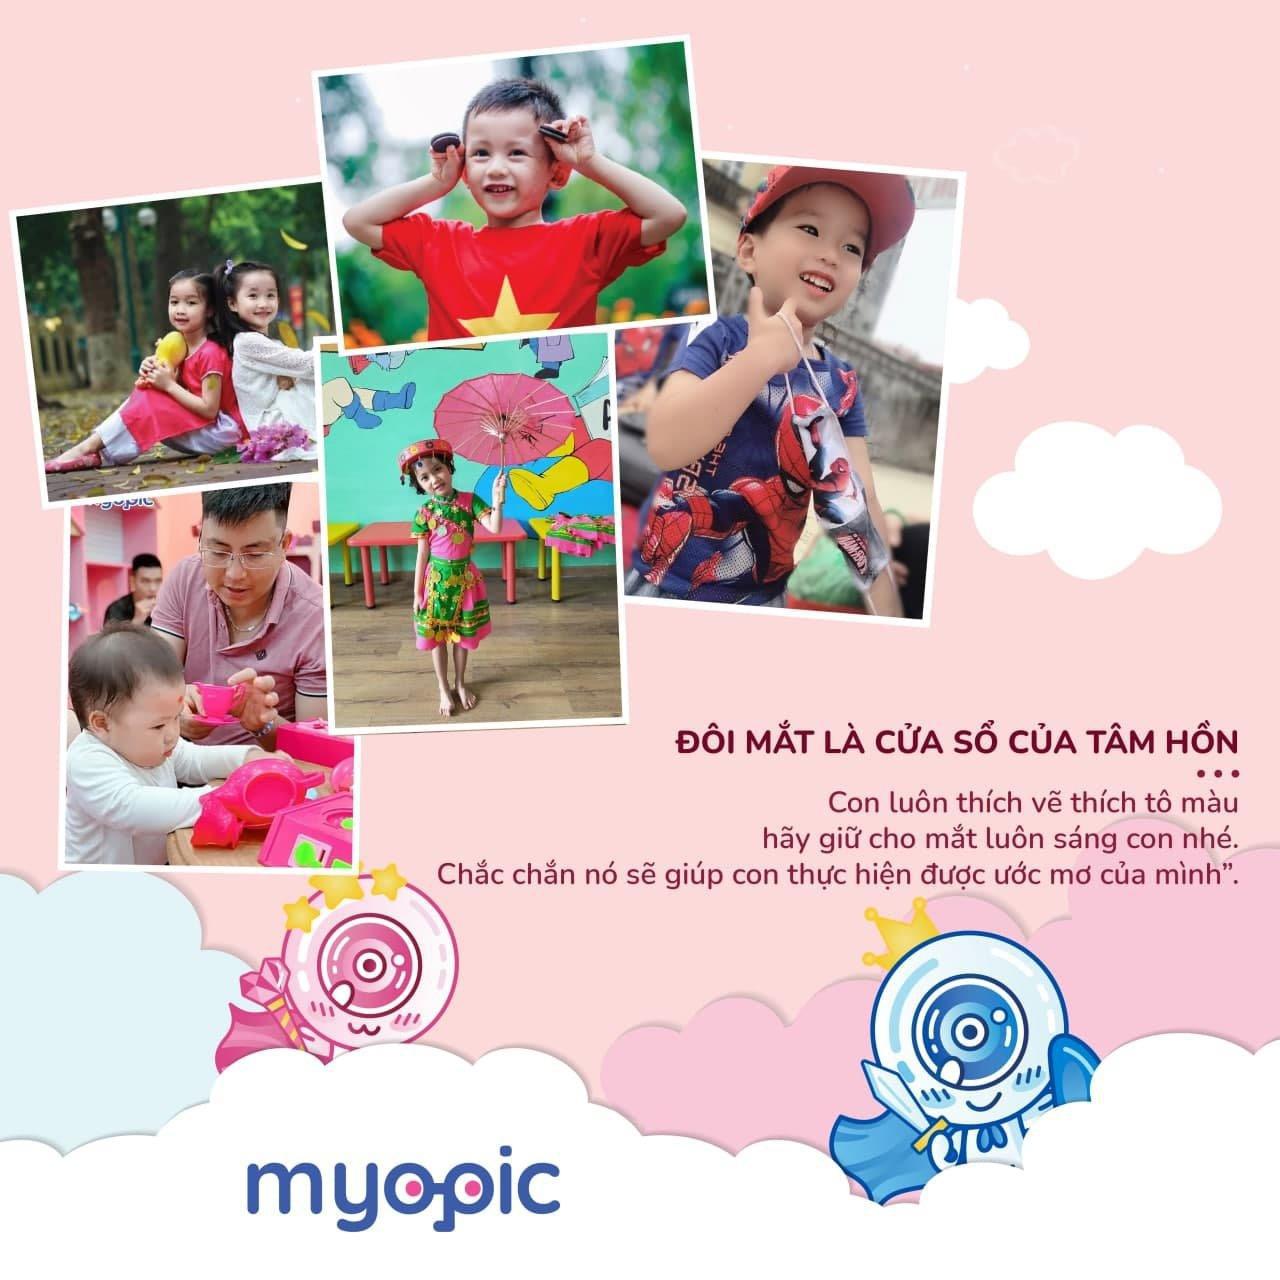 Myopic tổ chức cuộc thi Đôi mắt khỏe để trẻ tinh anh nhân ngày gia đình Việt Nam - Ảnh 3.